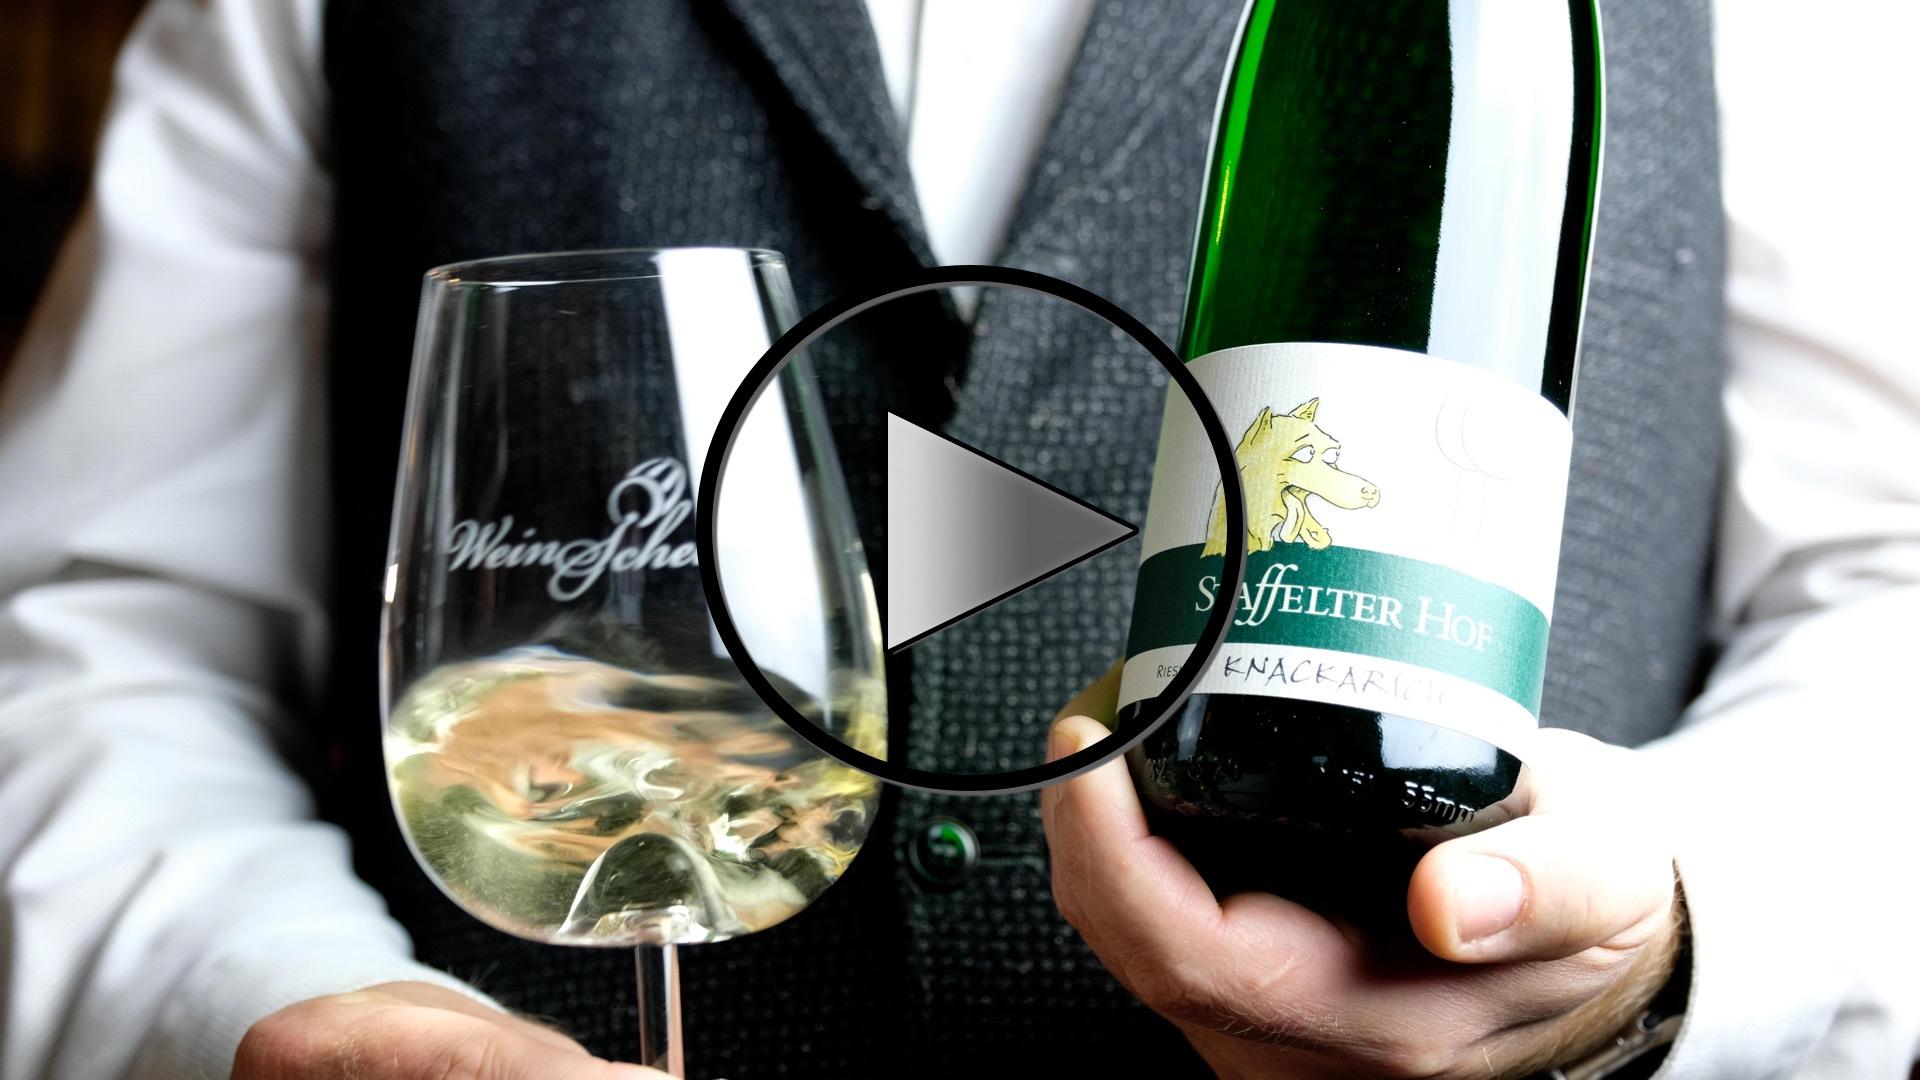 Weingut Staffelter Hof Riesling Knackarsch lieblich 2019 BIO